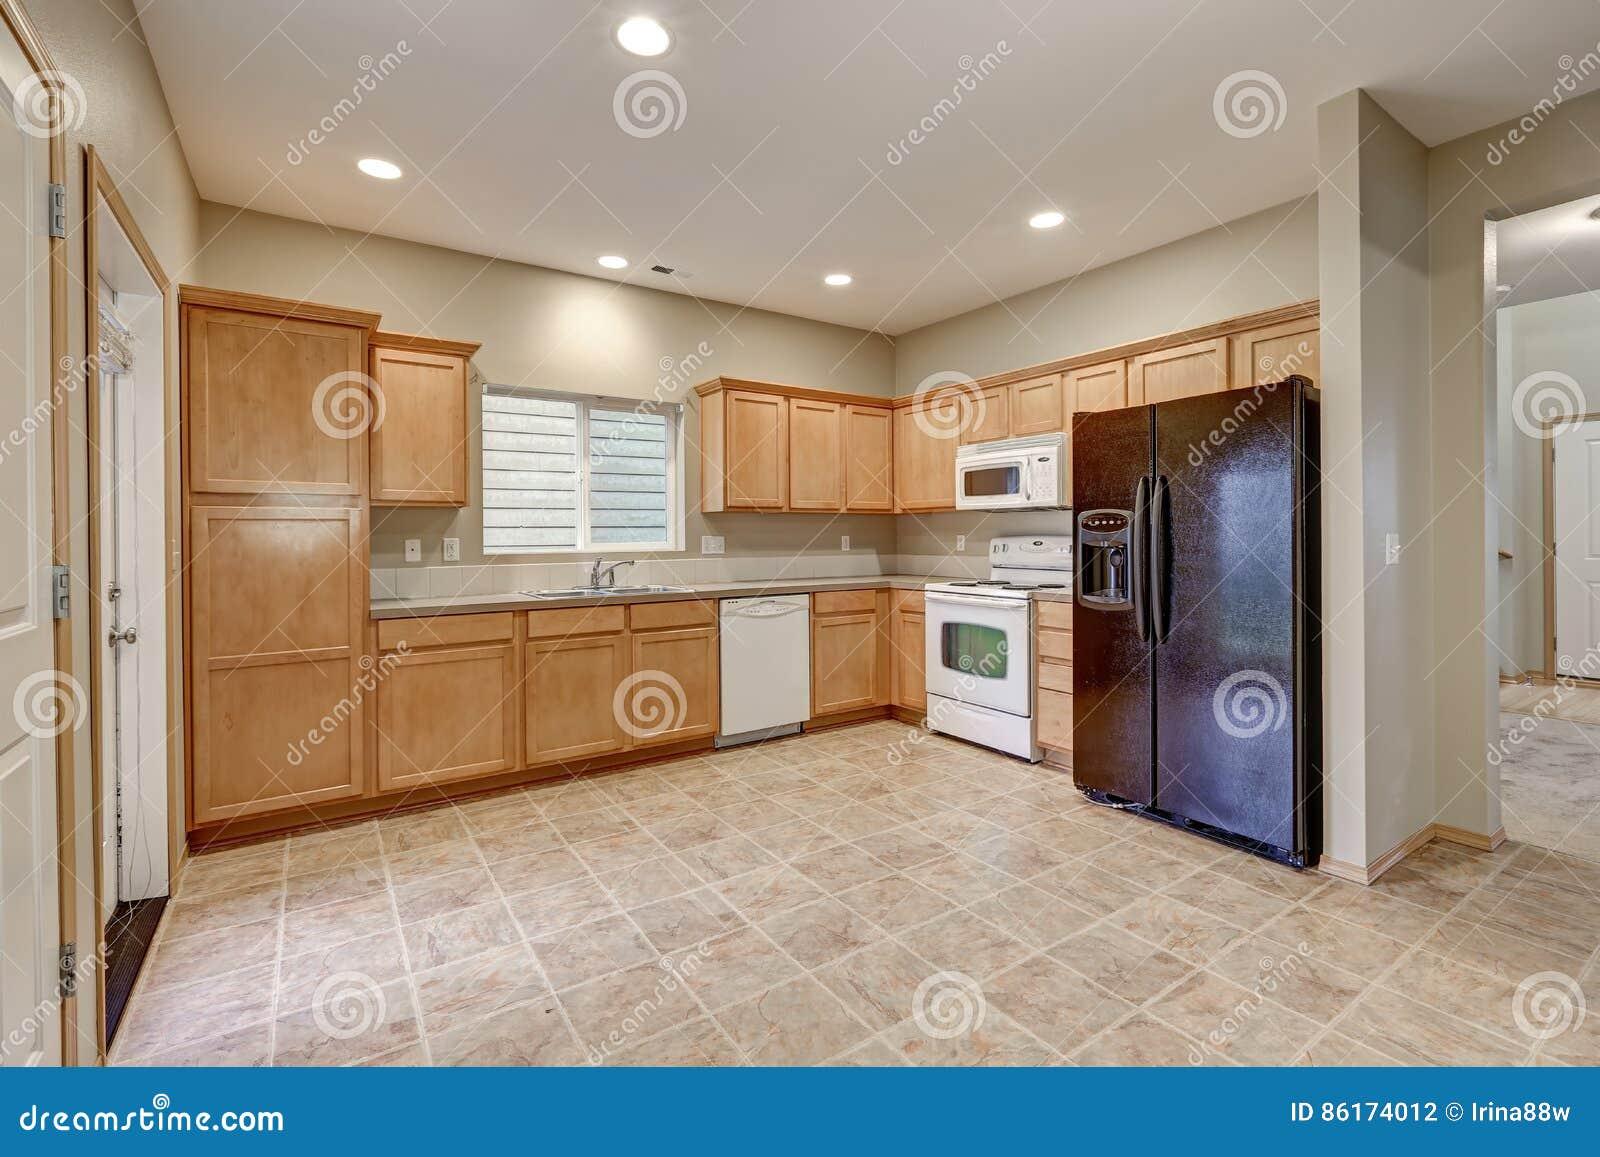 Sala Clara E Pairosa Da Cozinha Com Paredes Bege Foto De Stock  -> Cor De Parede Para Sala Clara